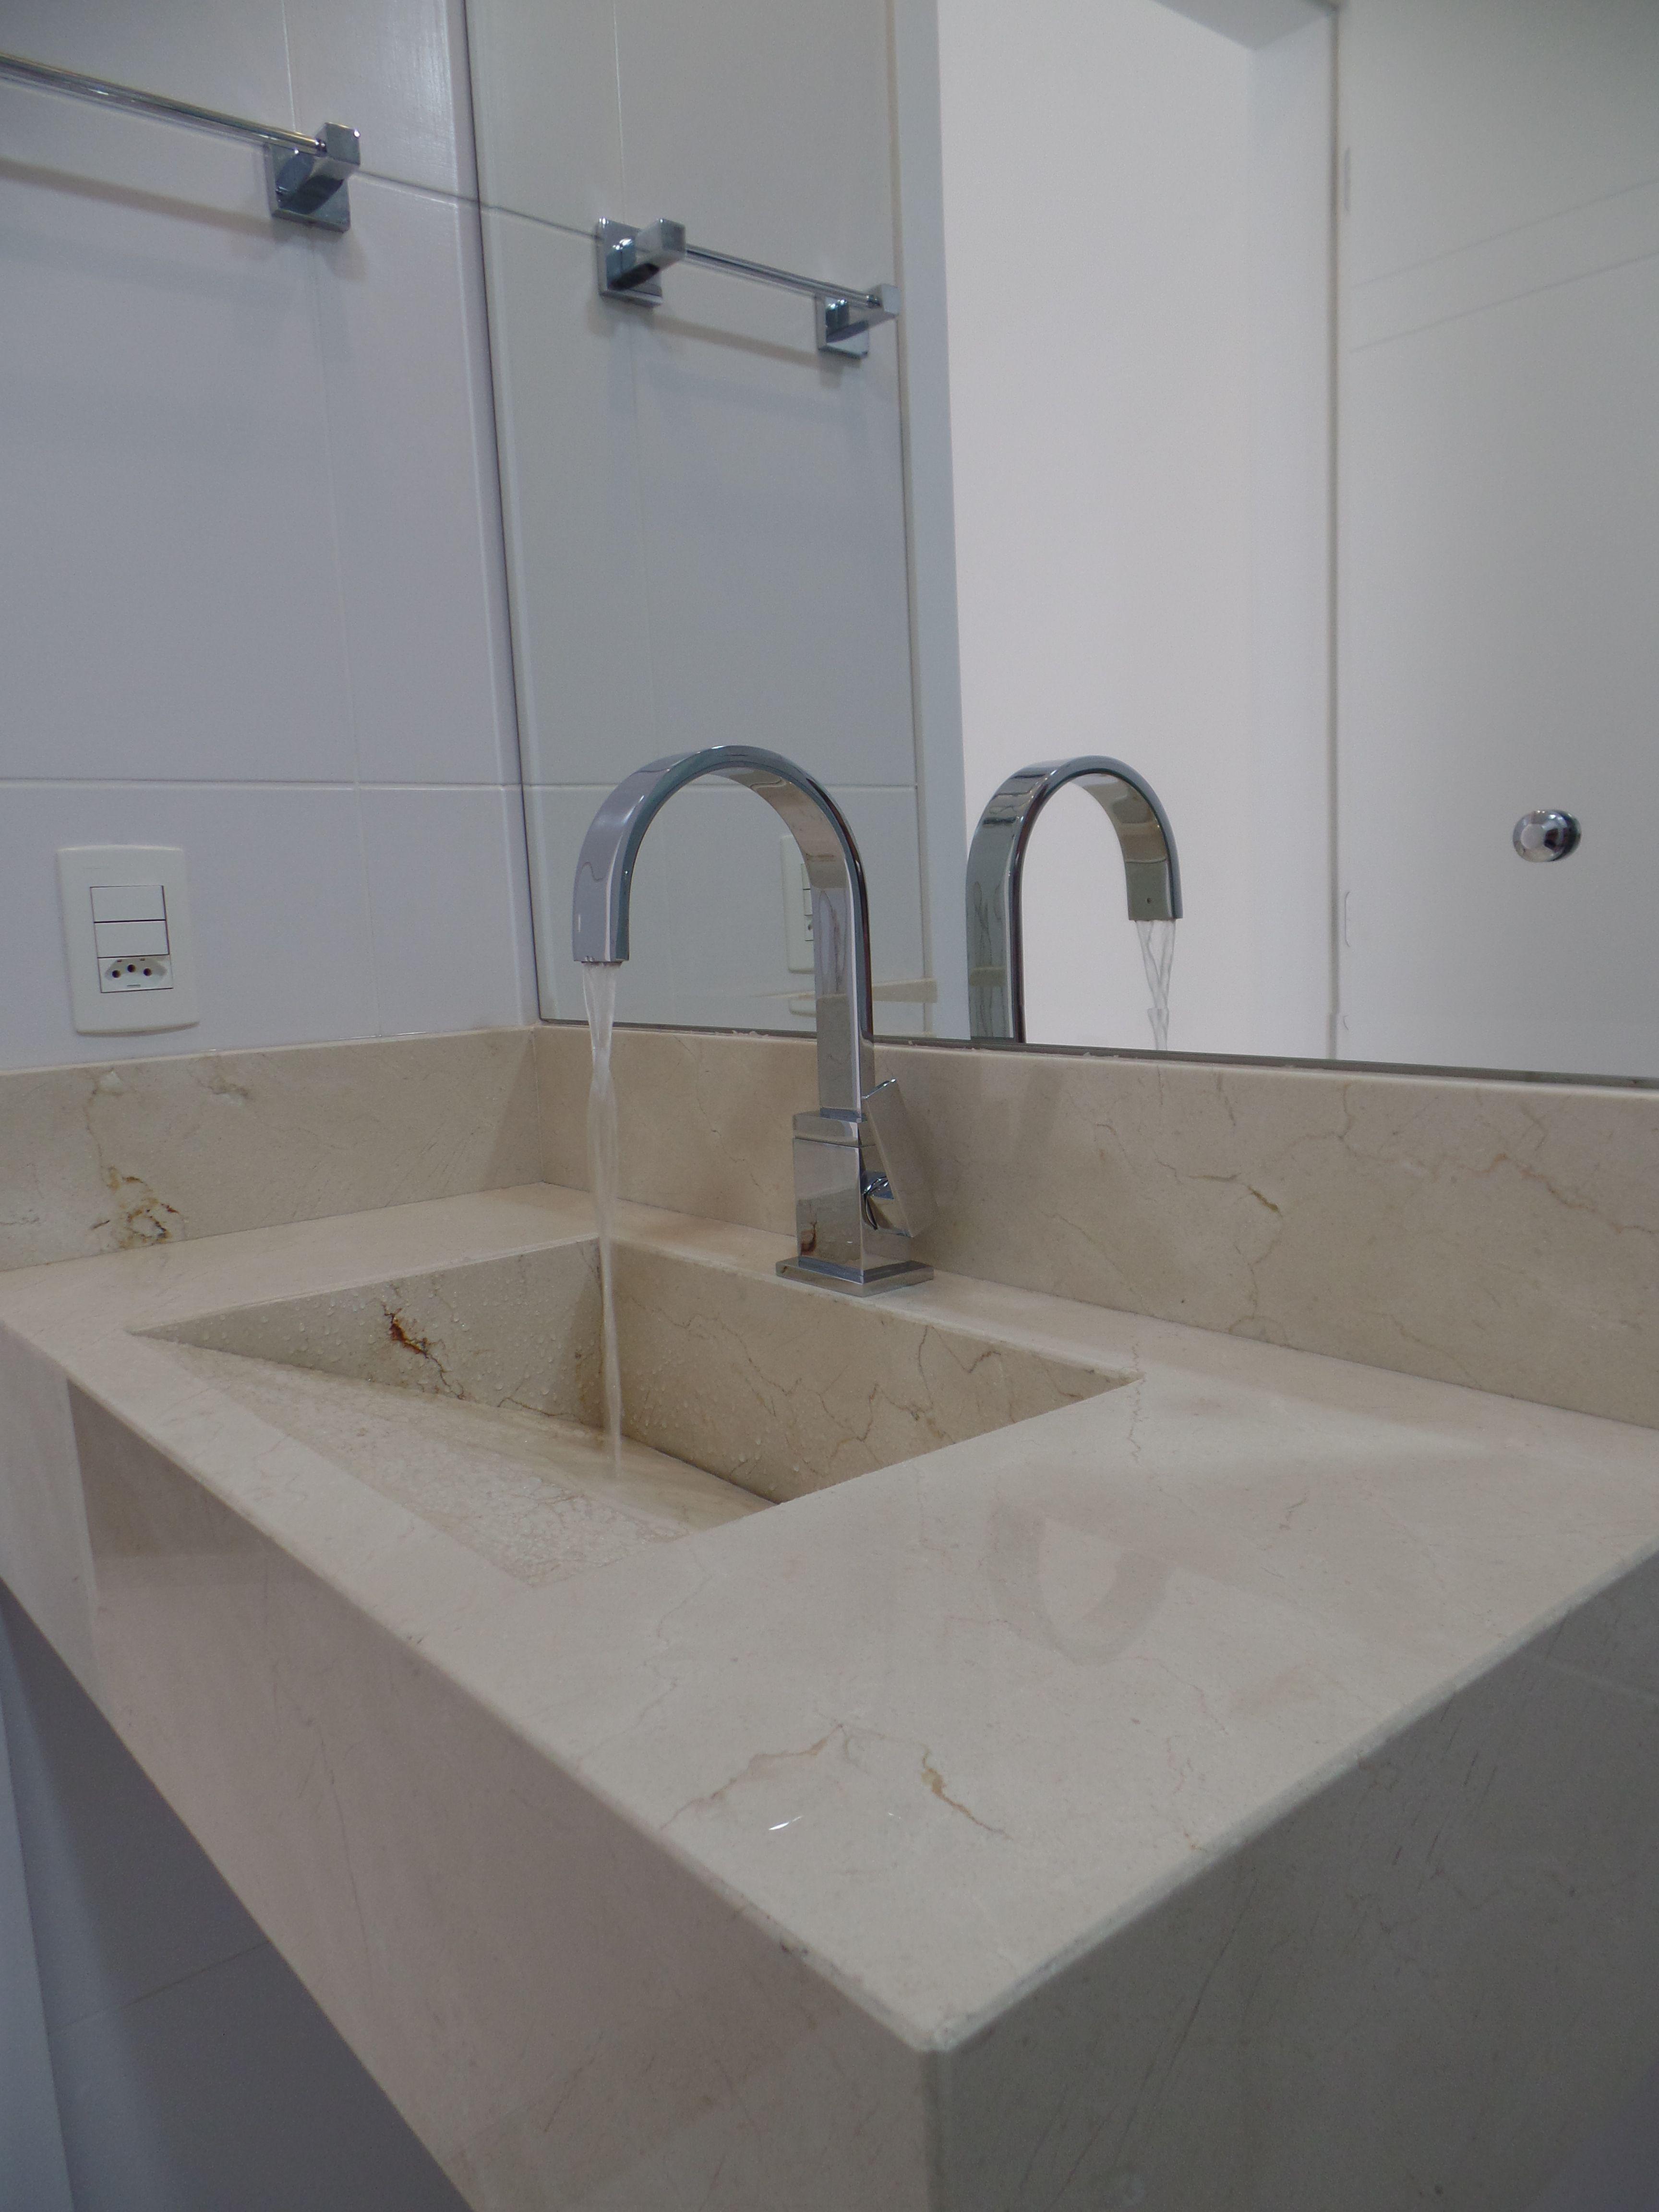 branco dallas banheiro  Pesquisa Google  Home sweet home  Pinterest  Banh -> Decoracao De Banheiro Com Bancada De Granito